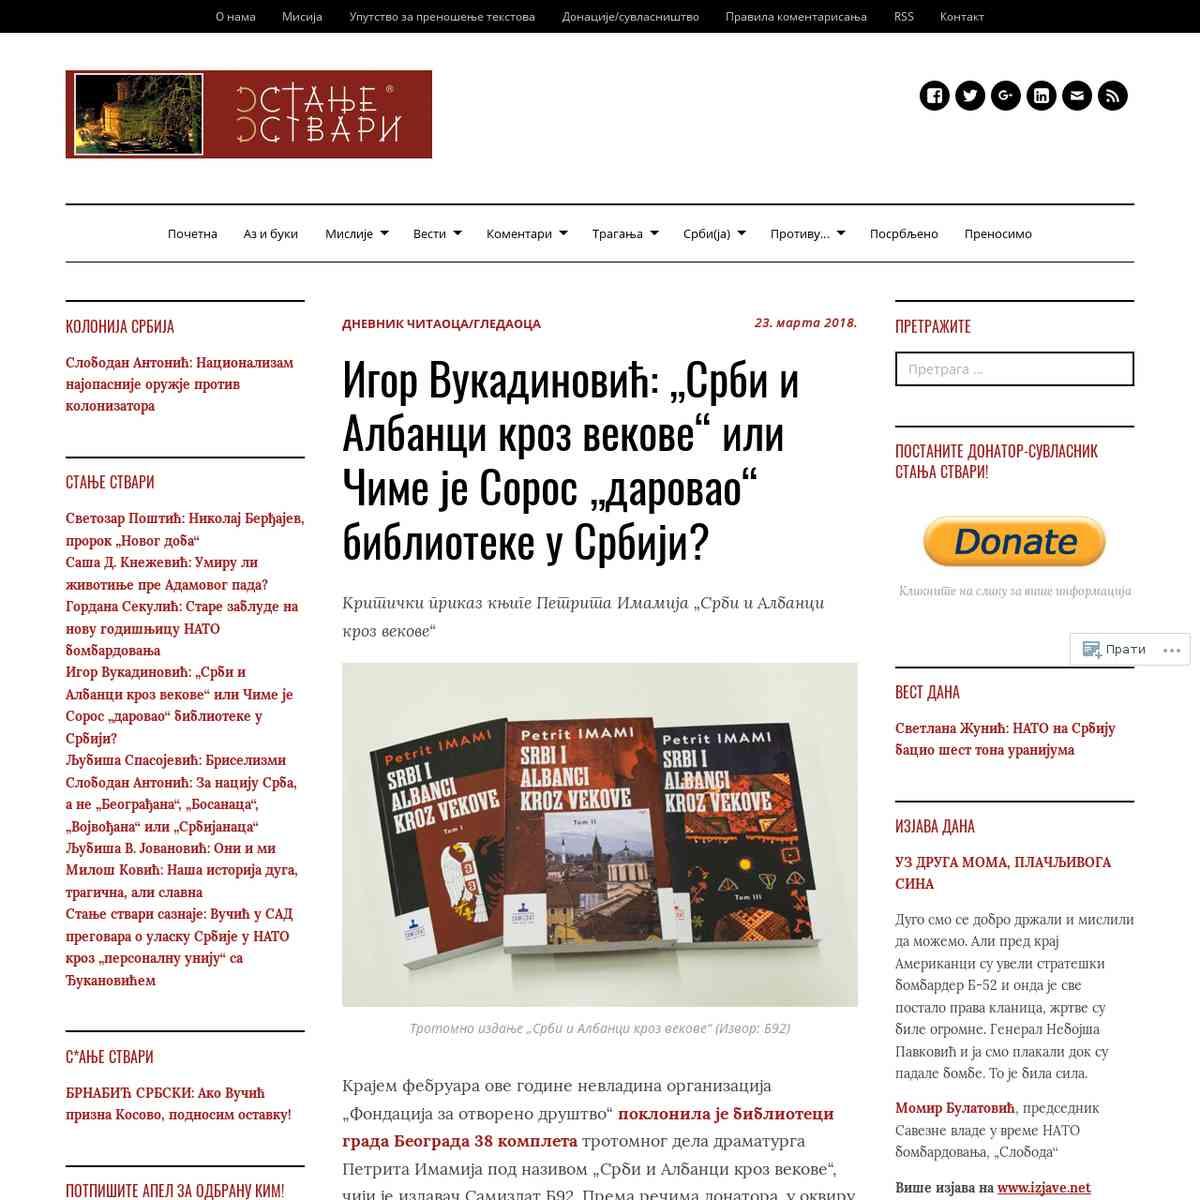 Приказ књиге Срби и Албанци кроз векове